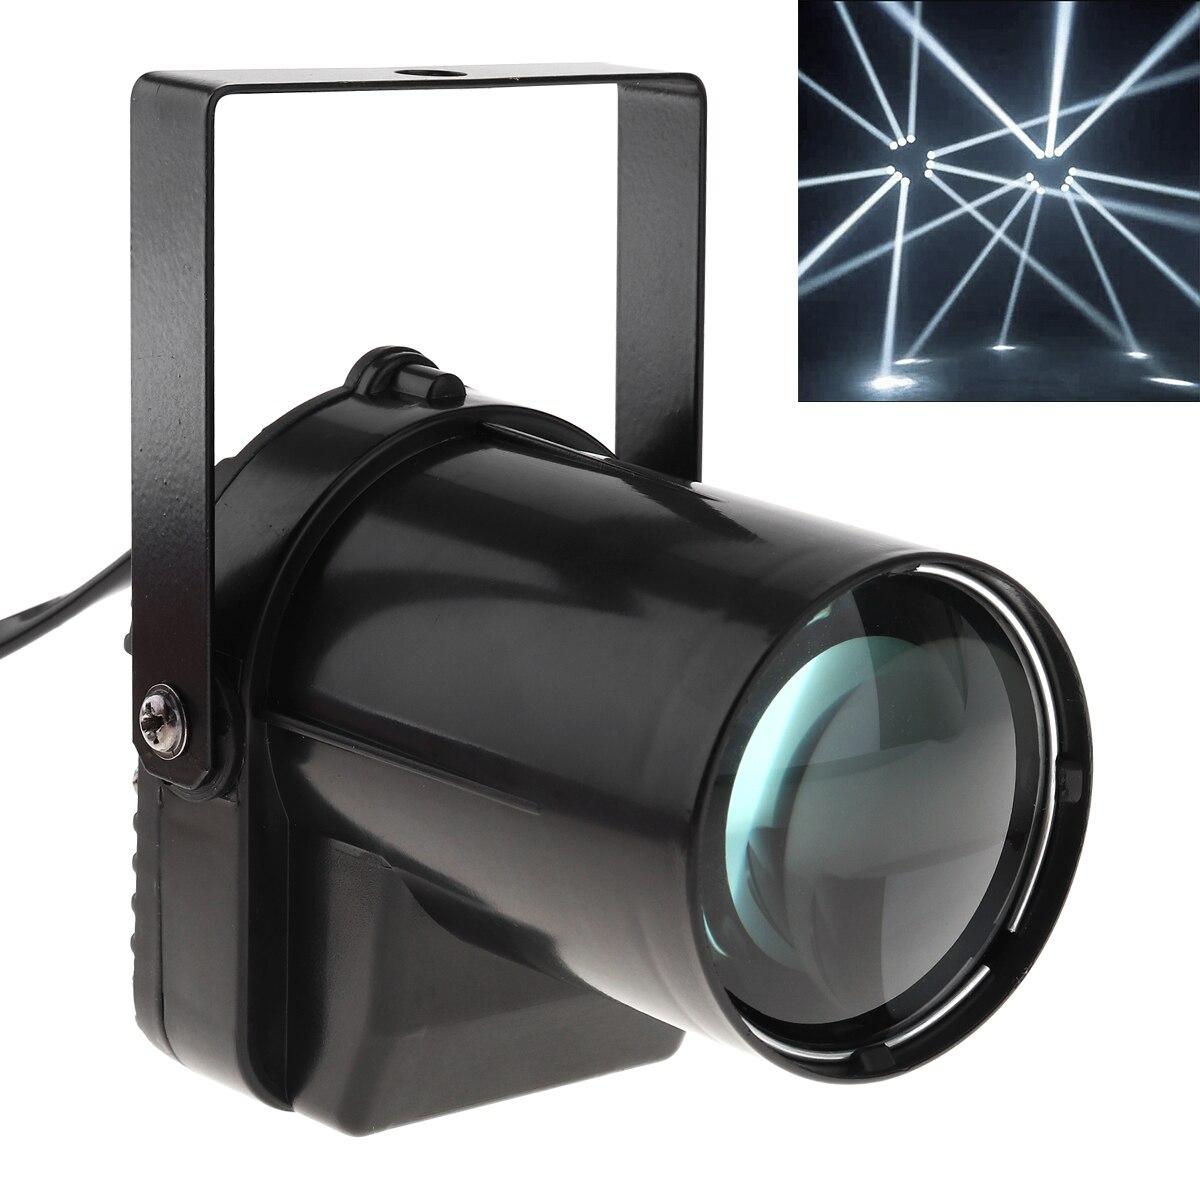 5 w conduziu a lâmpada branca do efeito da iluminação da fase da luz 200-220lm do pino do feixe do projector apropriada para o dj/discoteca/ktv/barra/festa